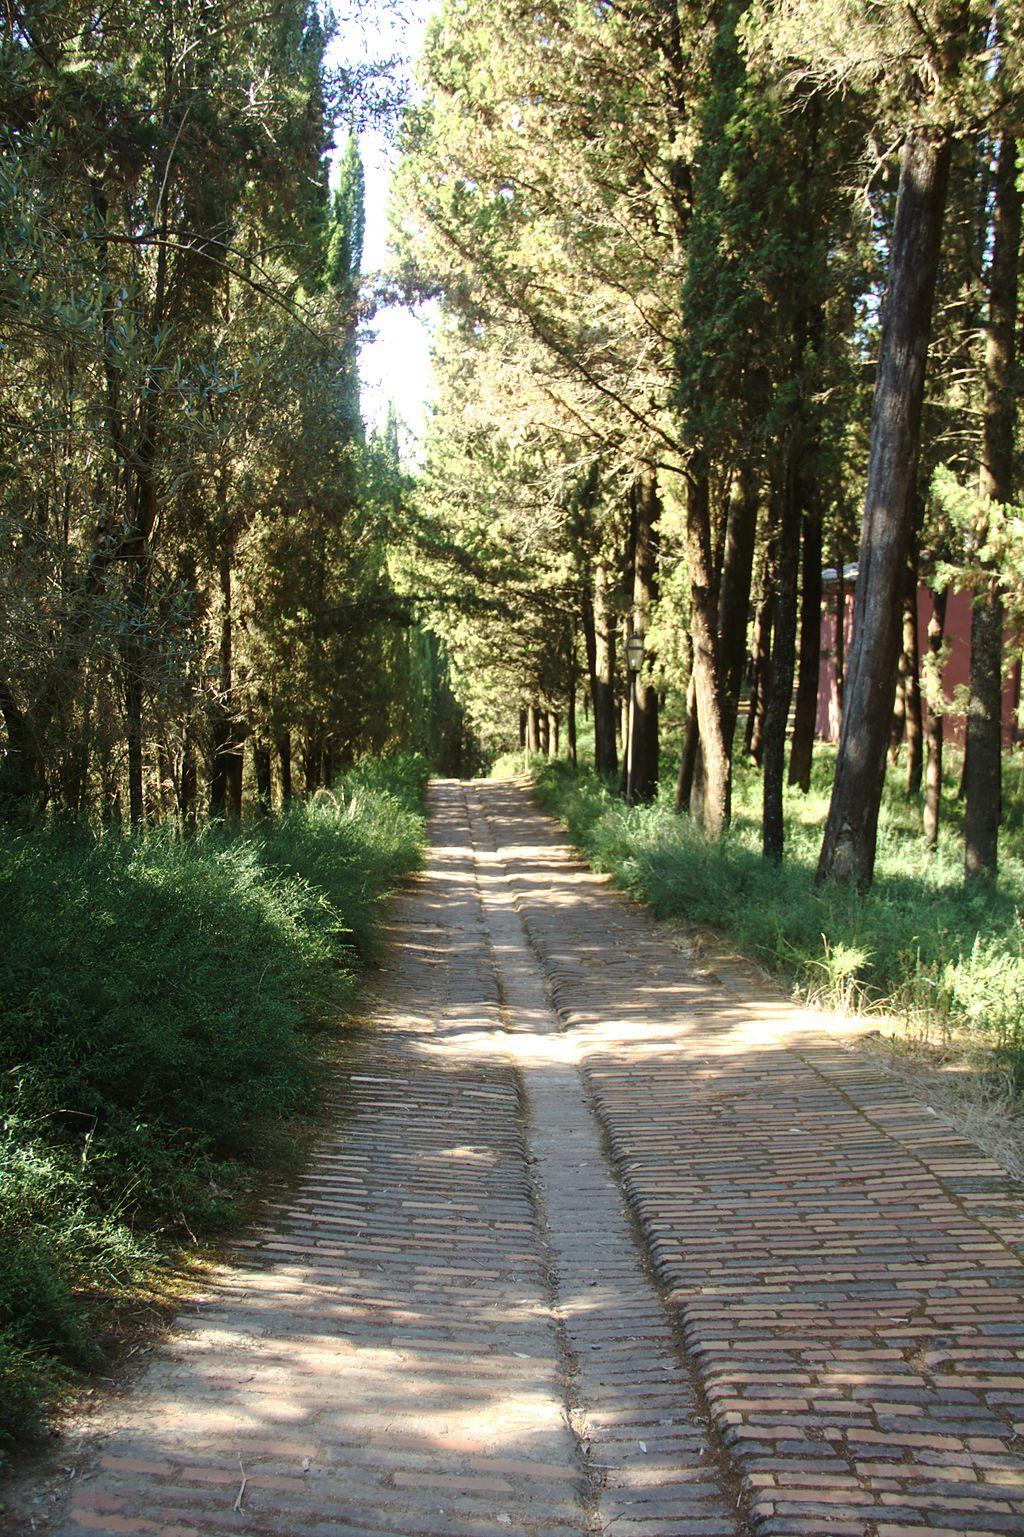 De weg naar De abdij van Monte Oliveto Maggiore